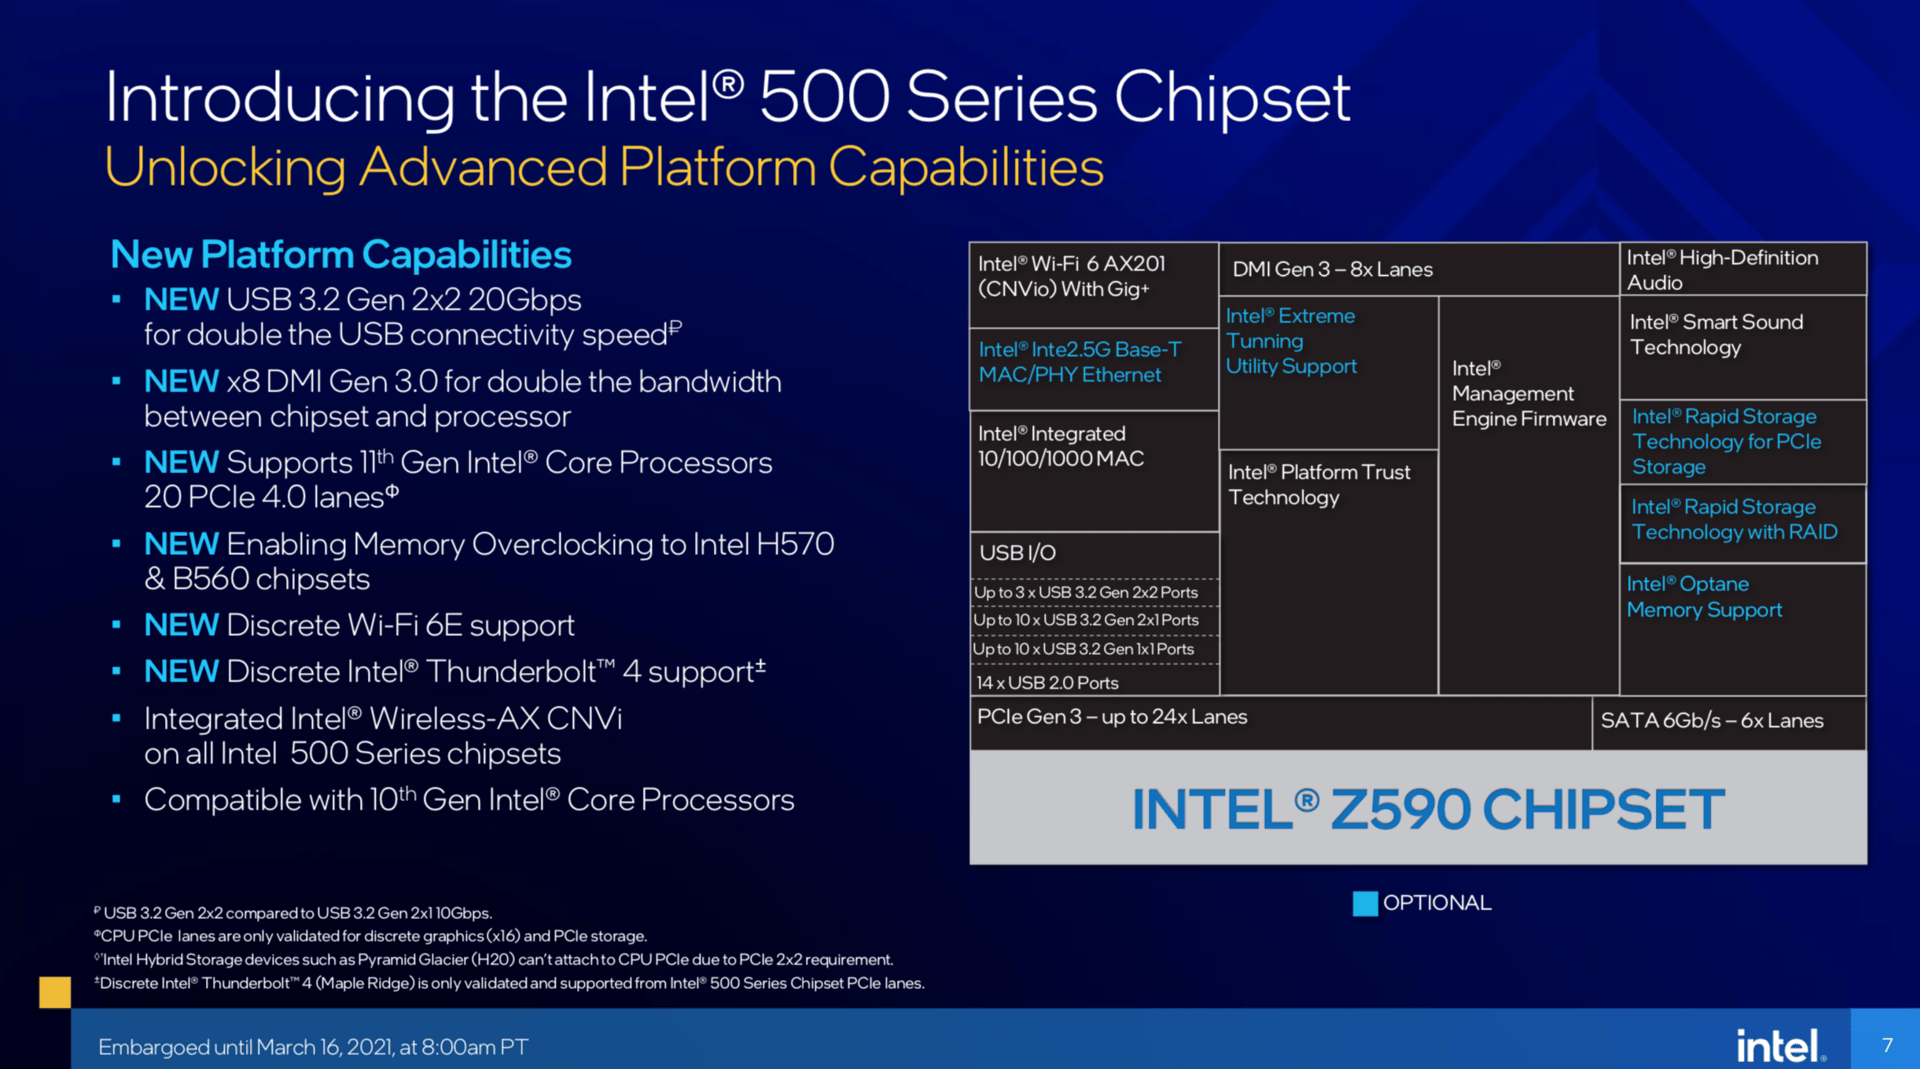 Die neue 500er-Chipsatzserie